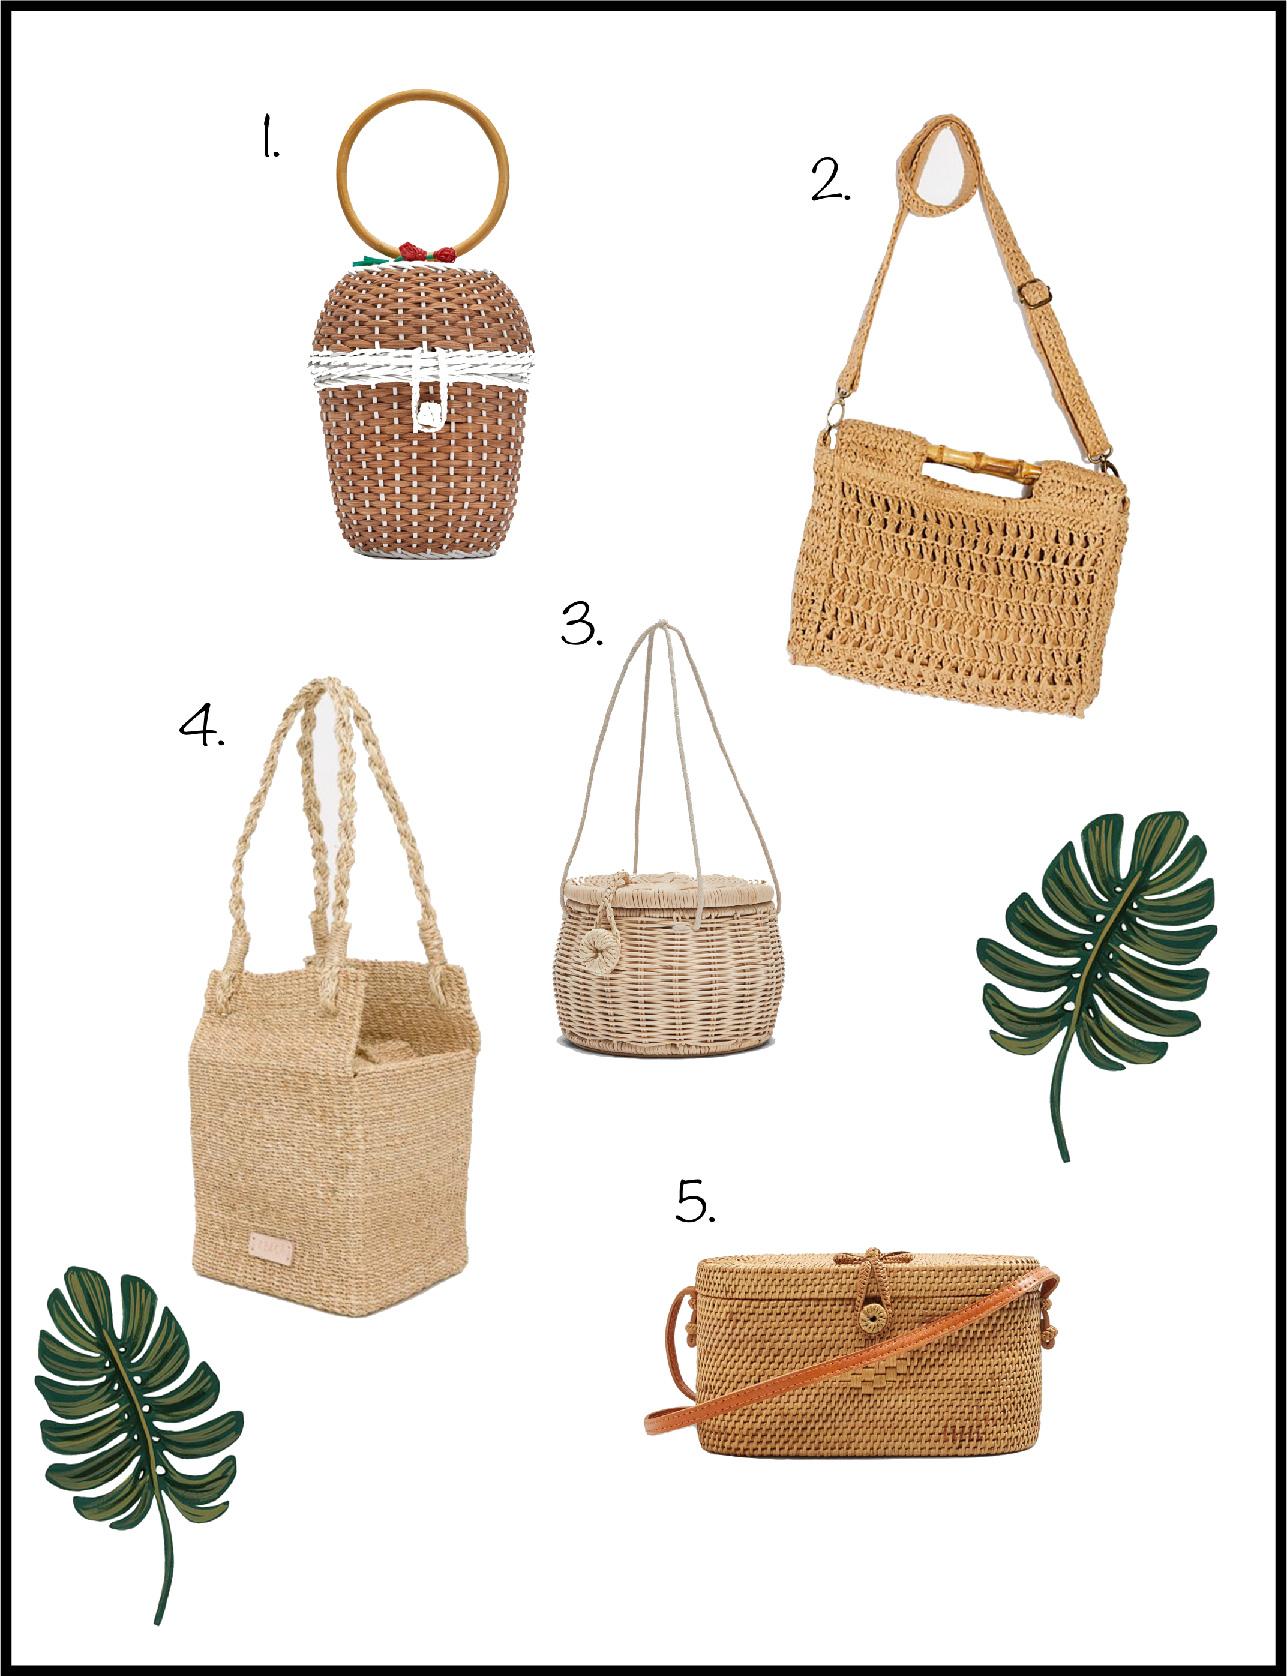 bags 4.2.18 frame.jpg